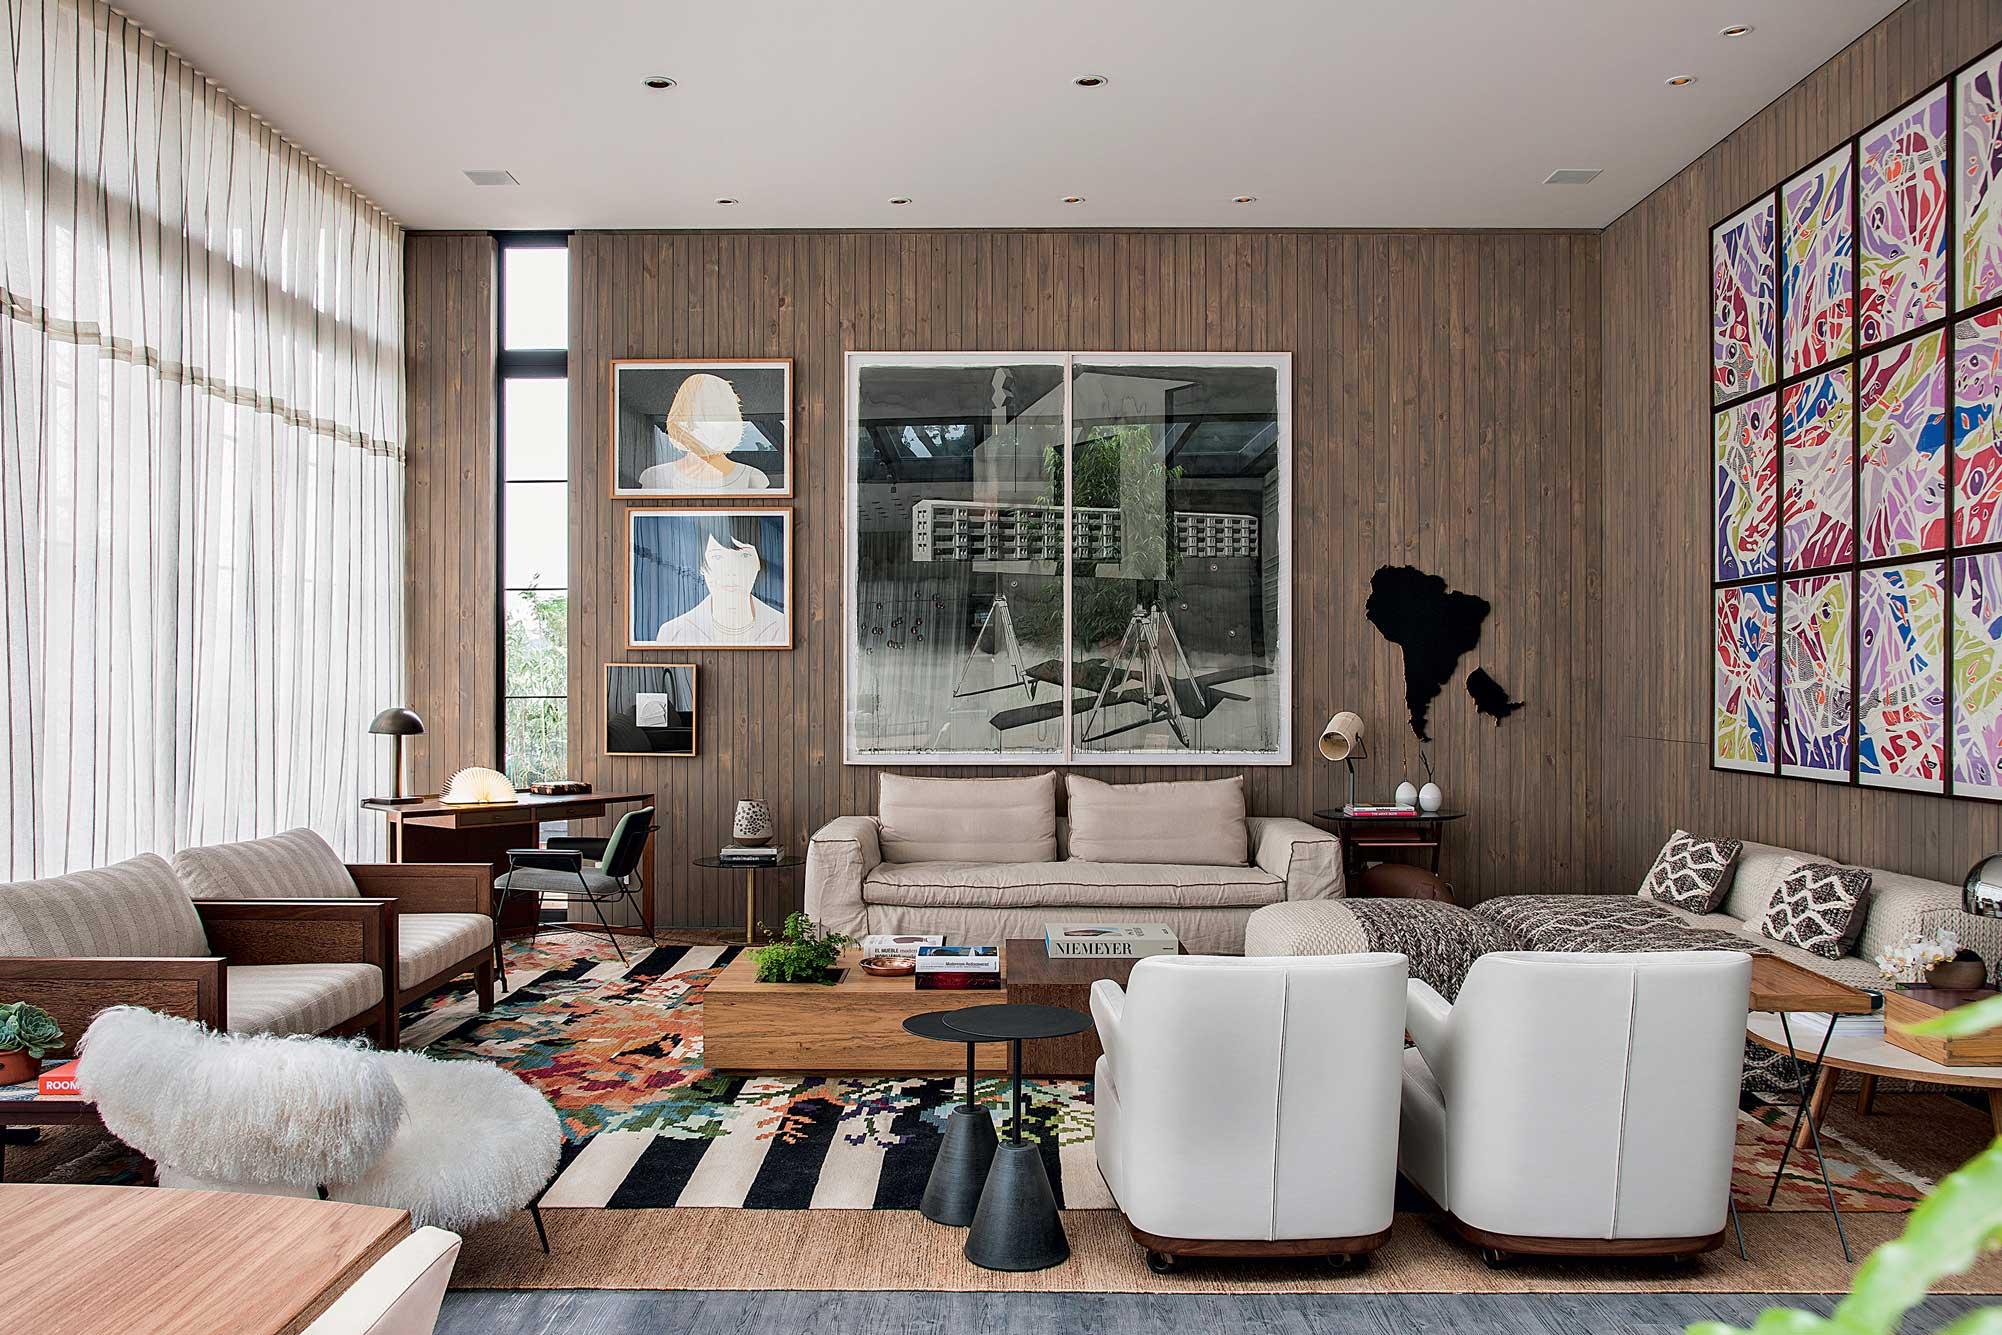 Opte por cortinas que favoreçam a iluminação natural com tecidos mais leves como o voil